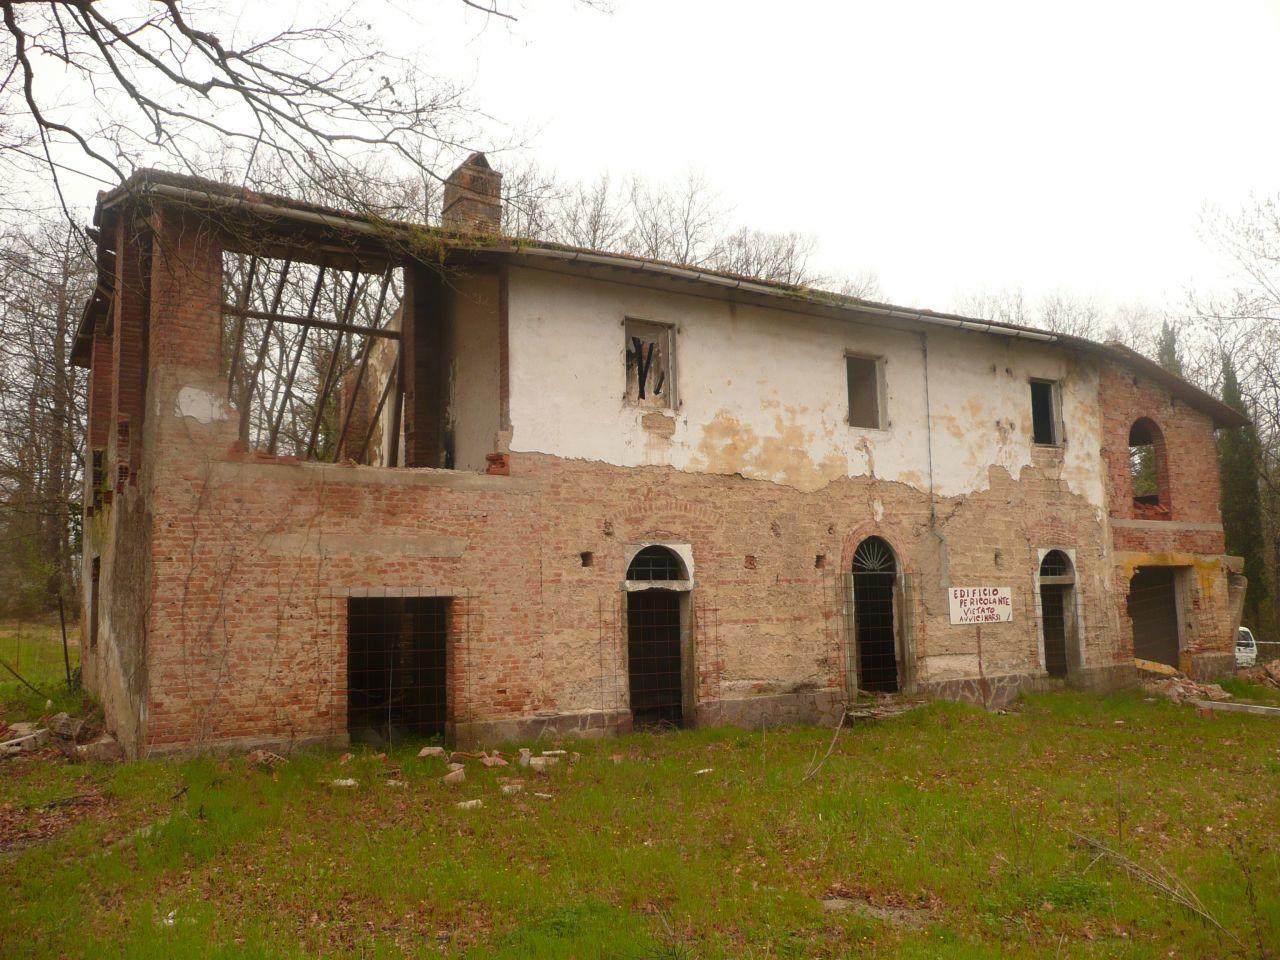 Rustico / Casale in vendita a Montopoli in Val d'Arno, 10 locali, prezzo € 300.000 | CambioCasa.it